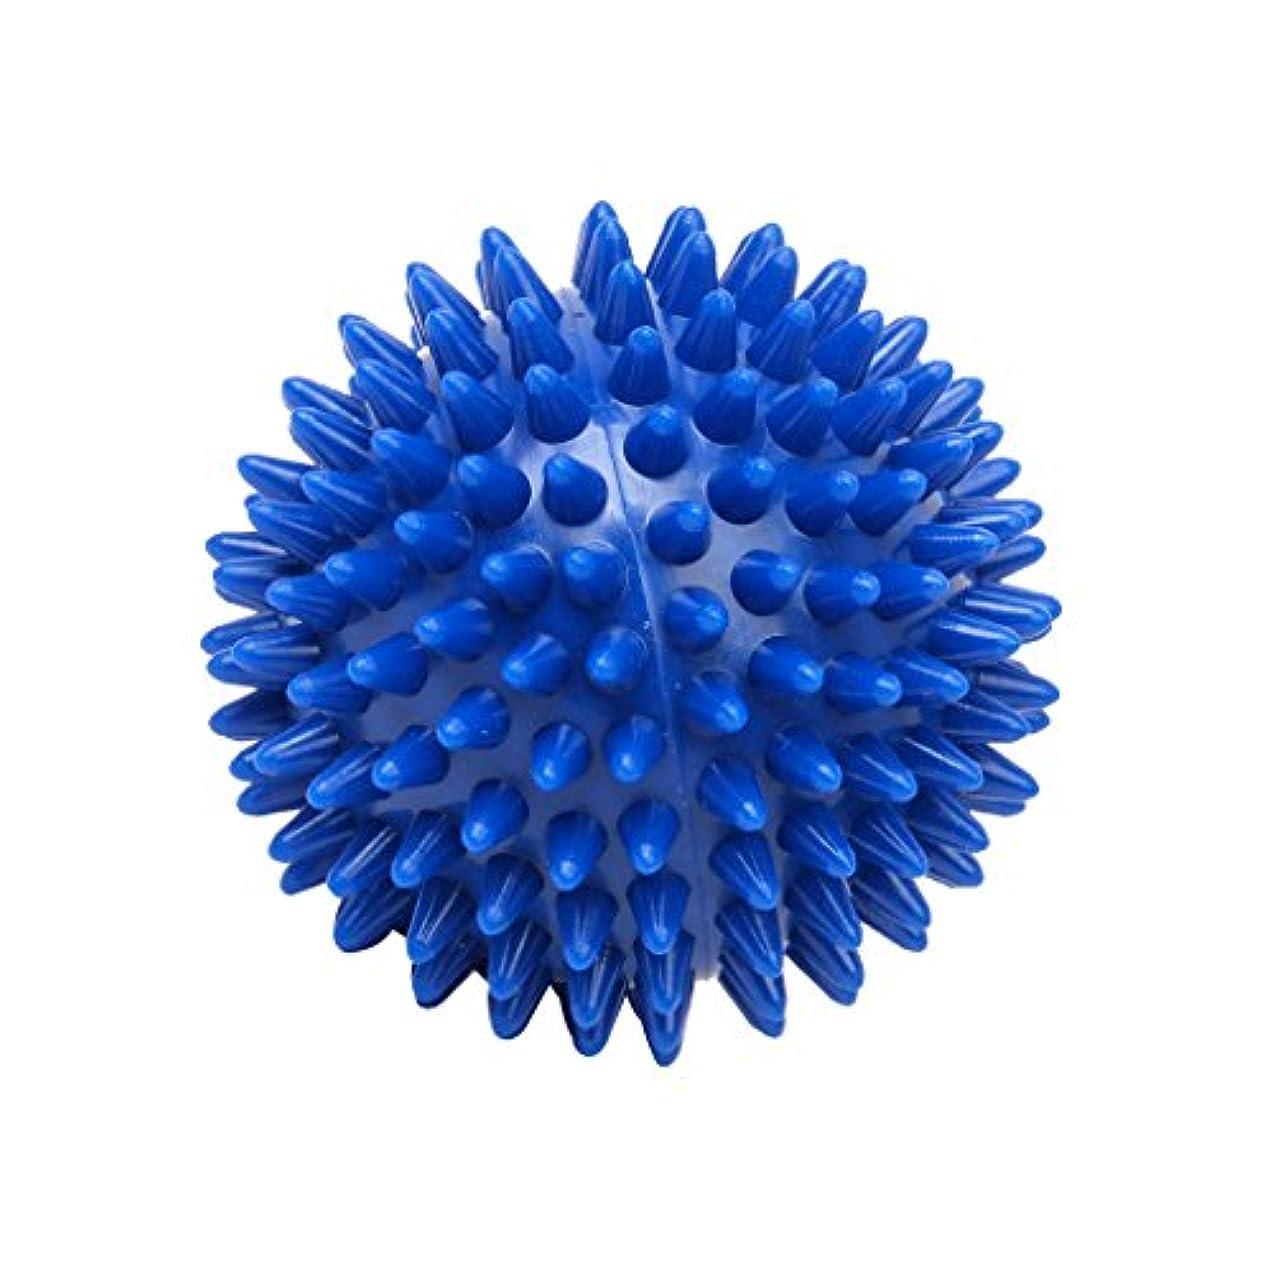 切り離すメイン大気Footful マッサージボール 健康グッズ 健康器具 血液循環促進 緊張緩和 7cm ブルー